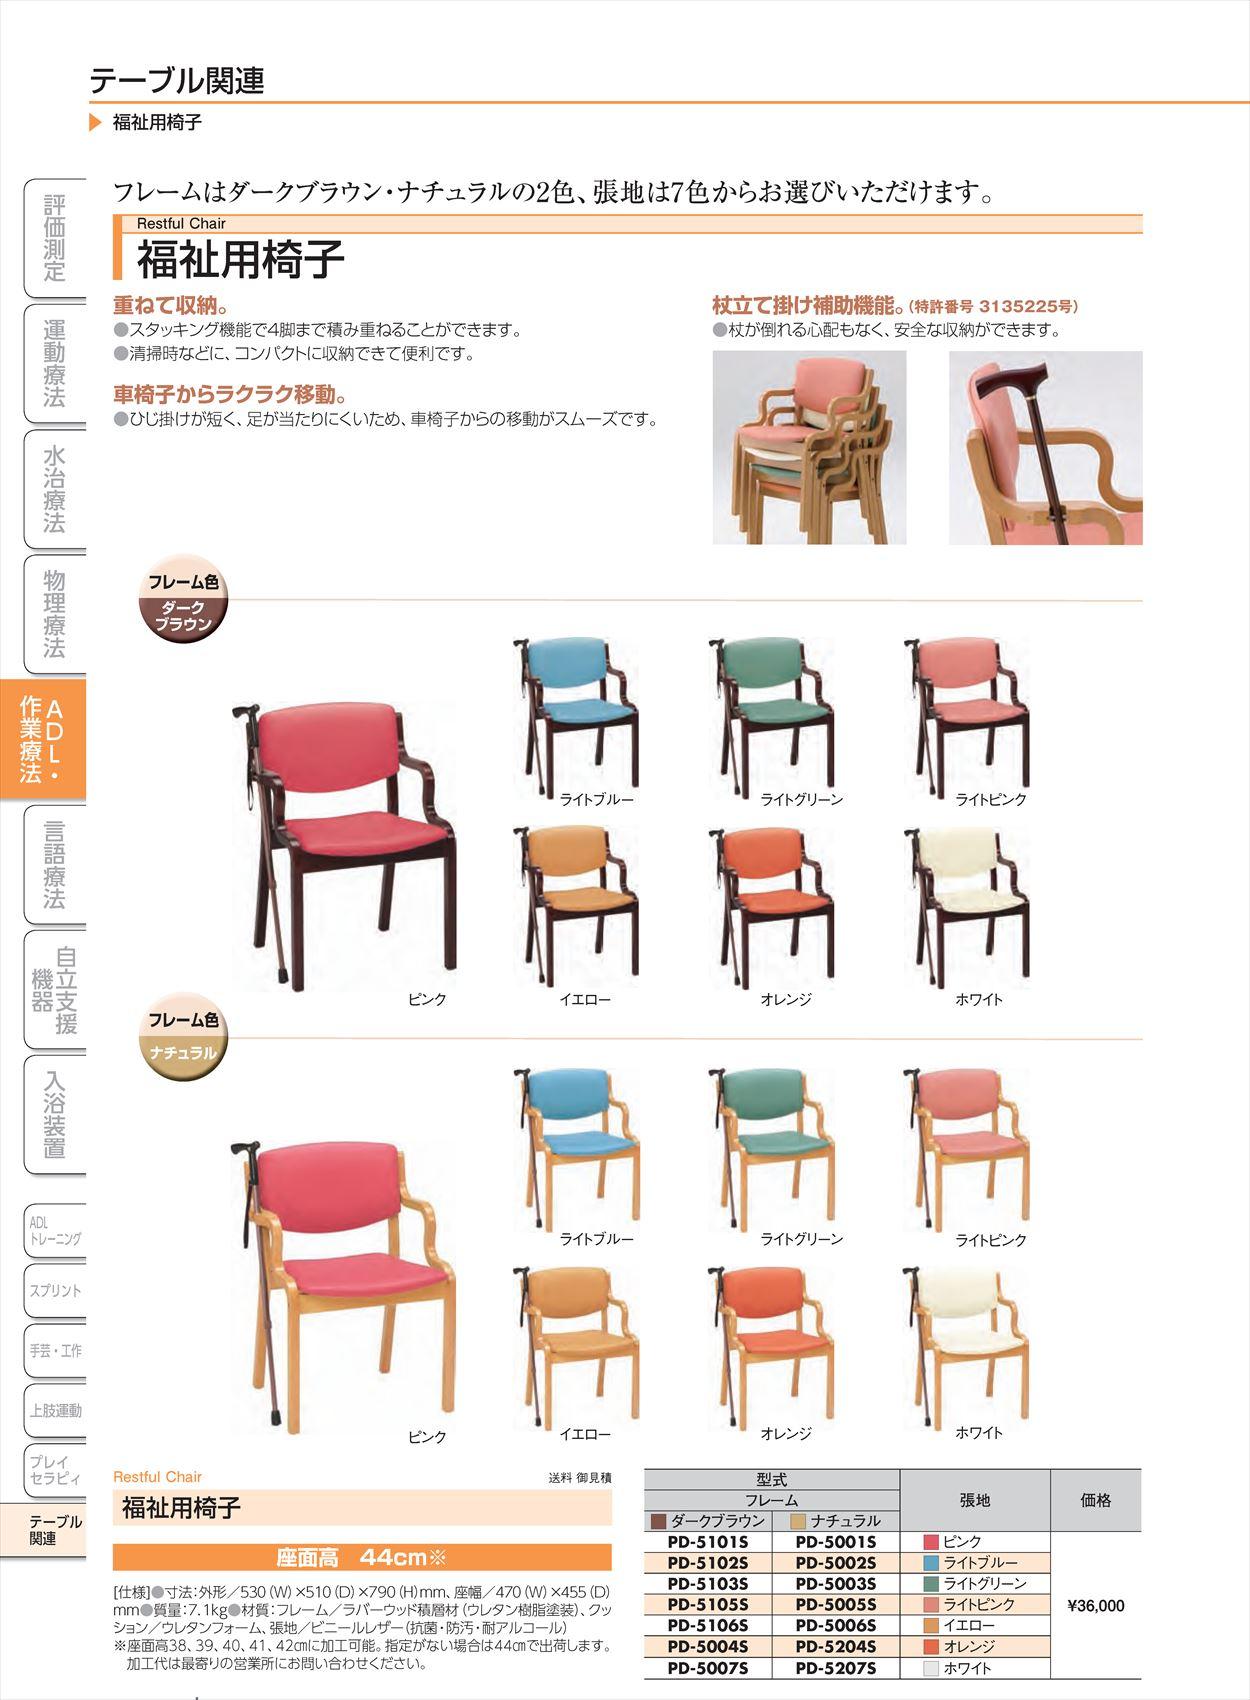 福祉用椅子PD-5207S[脚](sa14Q31276)【酒井医療】